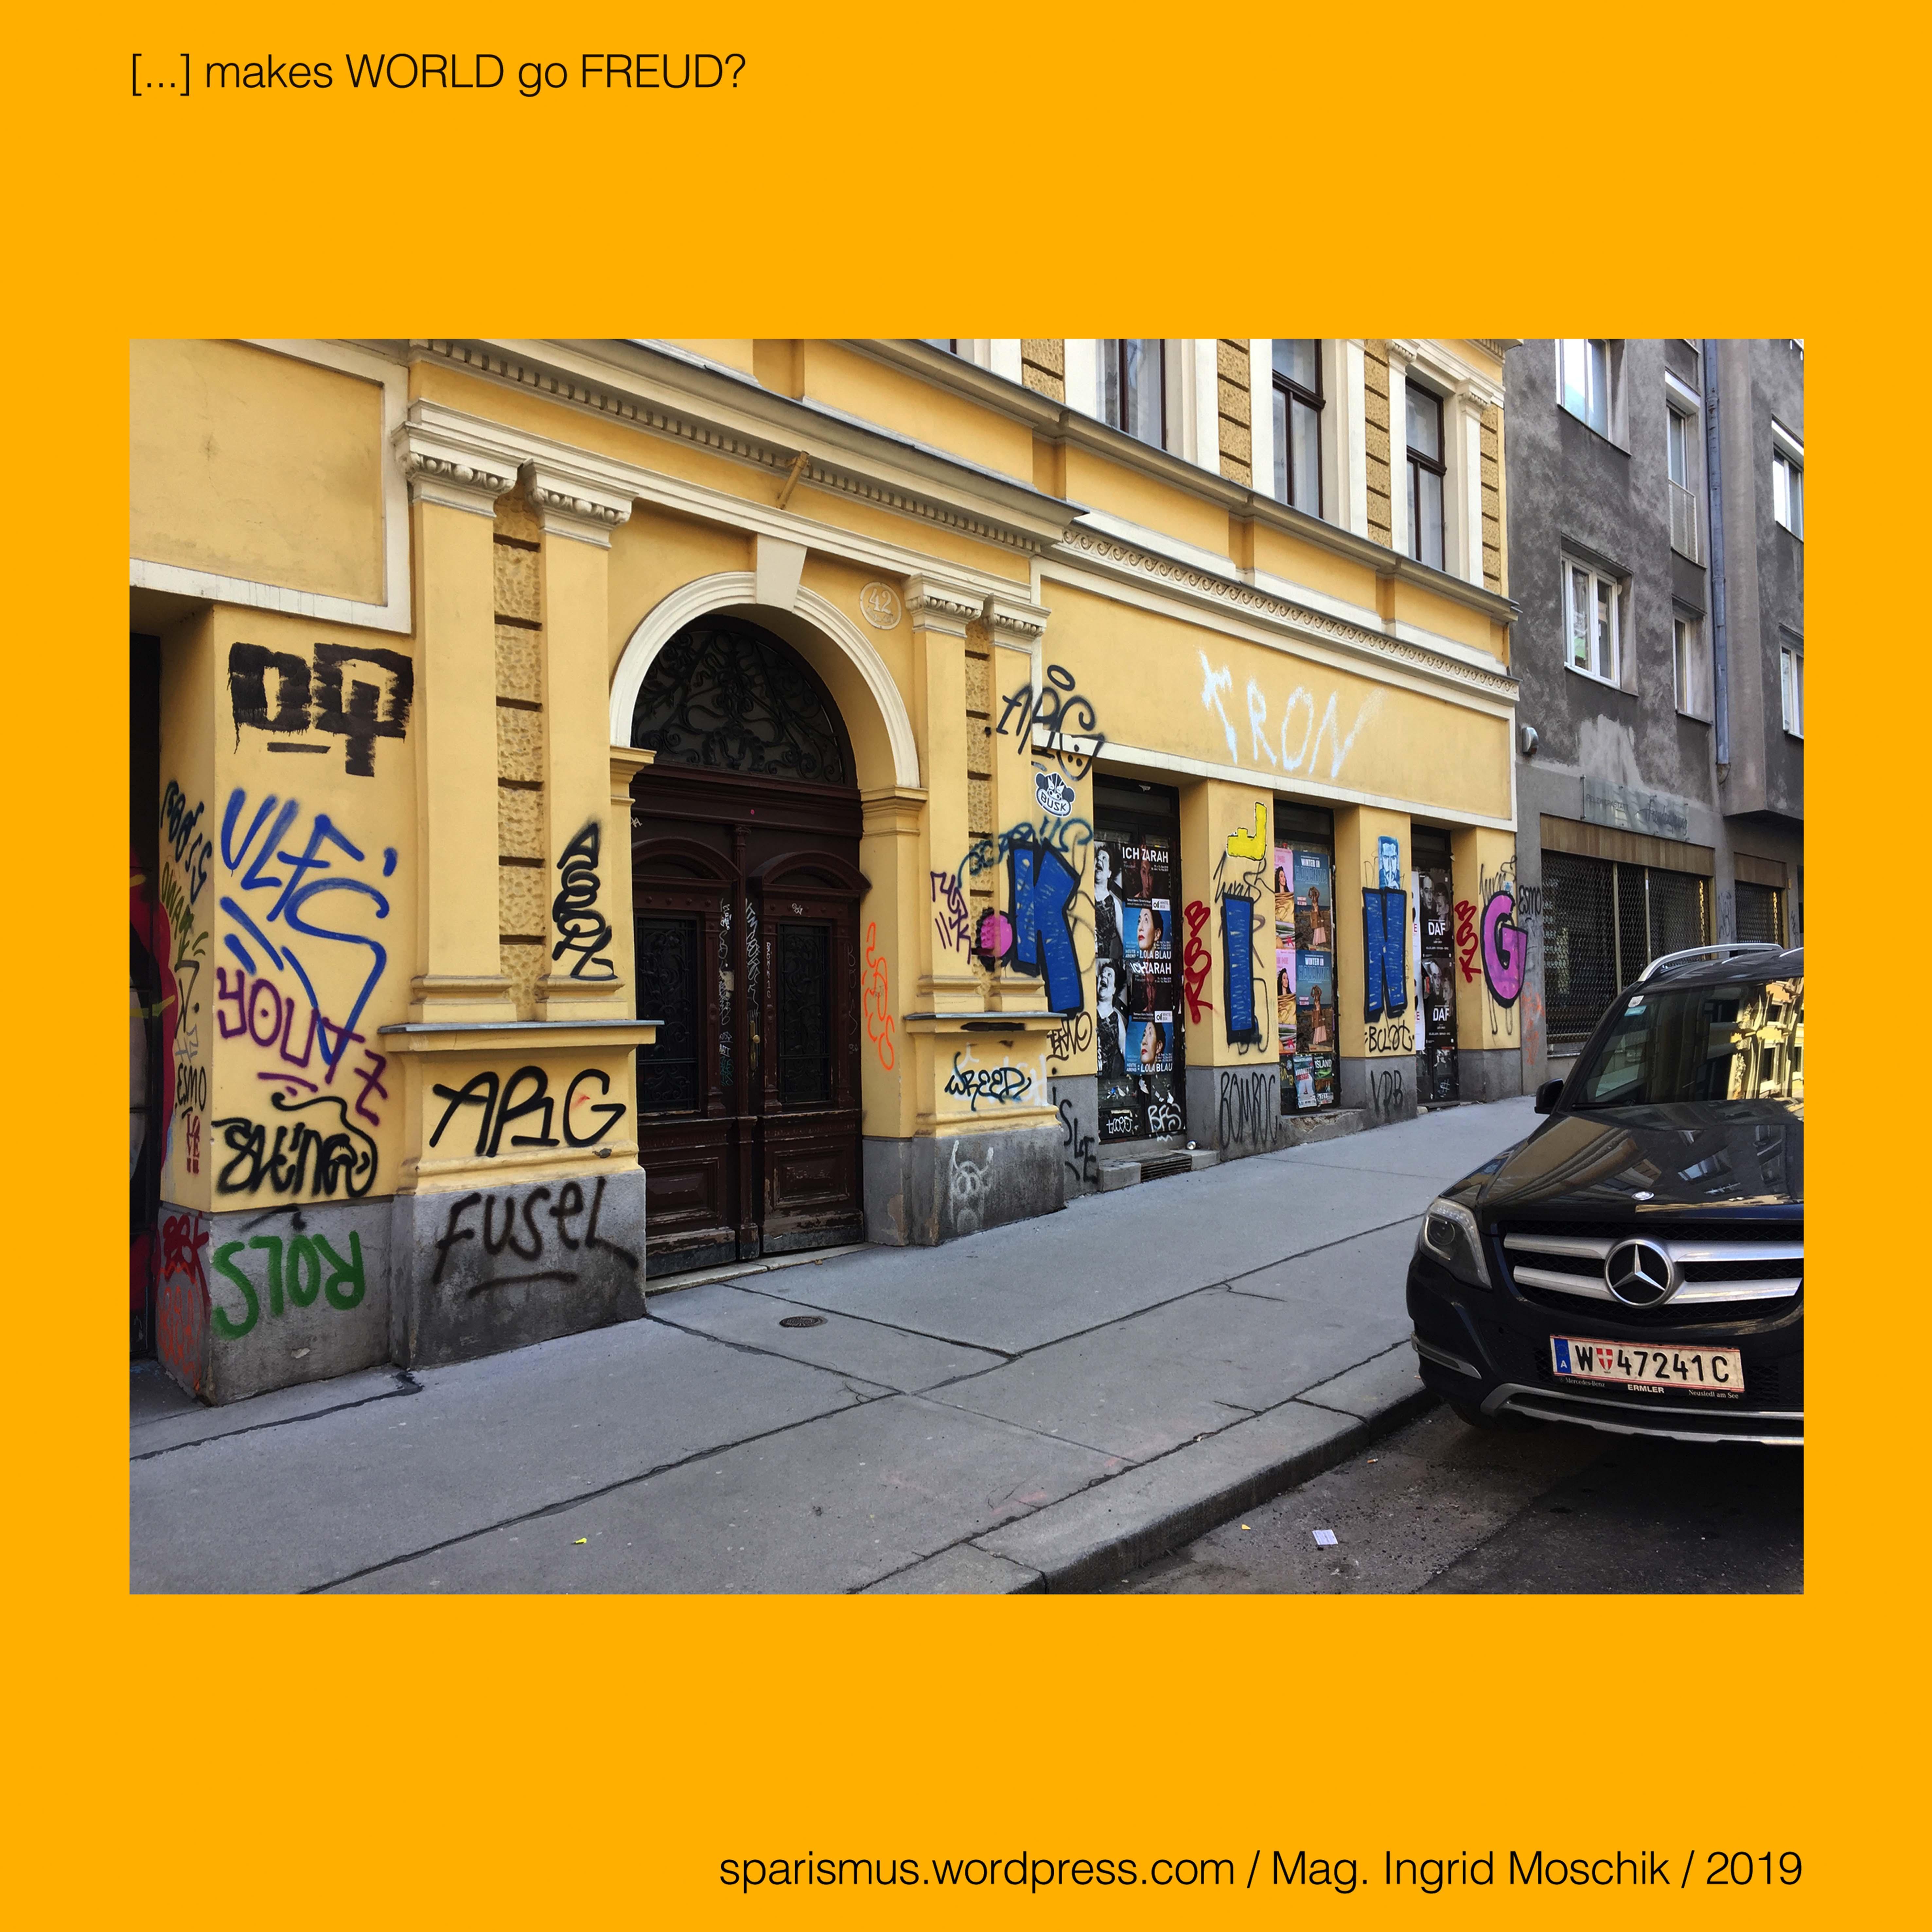 2019 Neuestes Design Franz Maget Politik Spd Ak Orig Signiert # 1242 Original, Nicht Zertifiziert Autogramme & Autographen